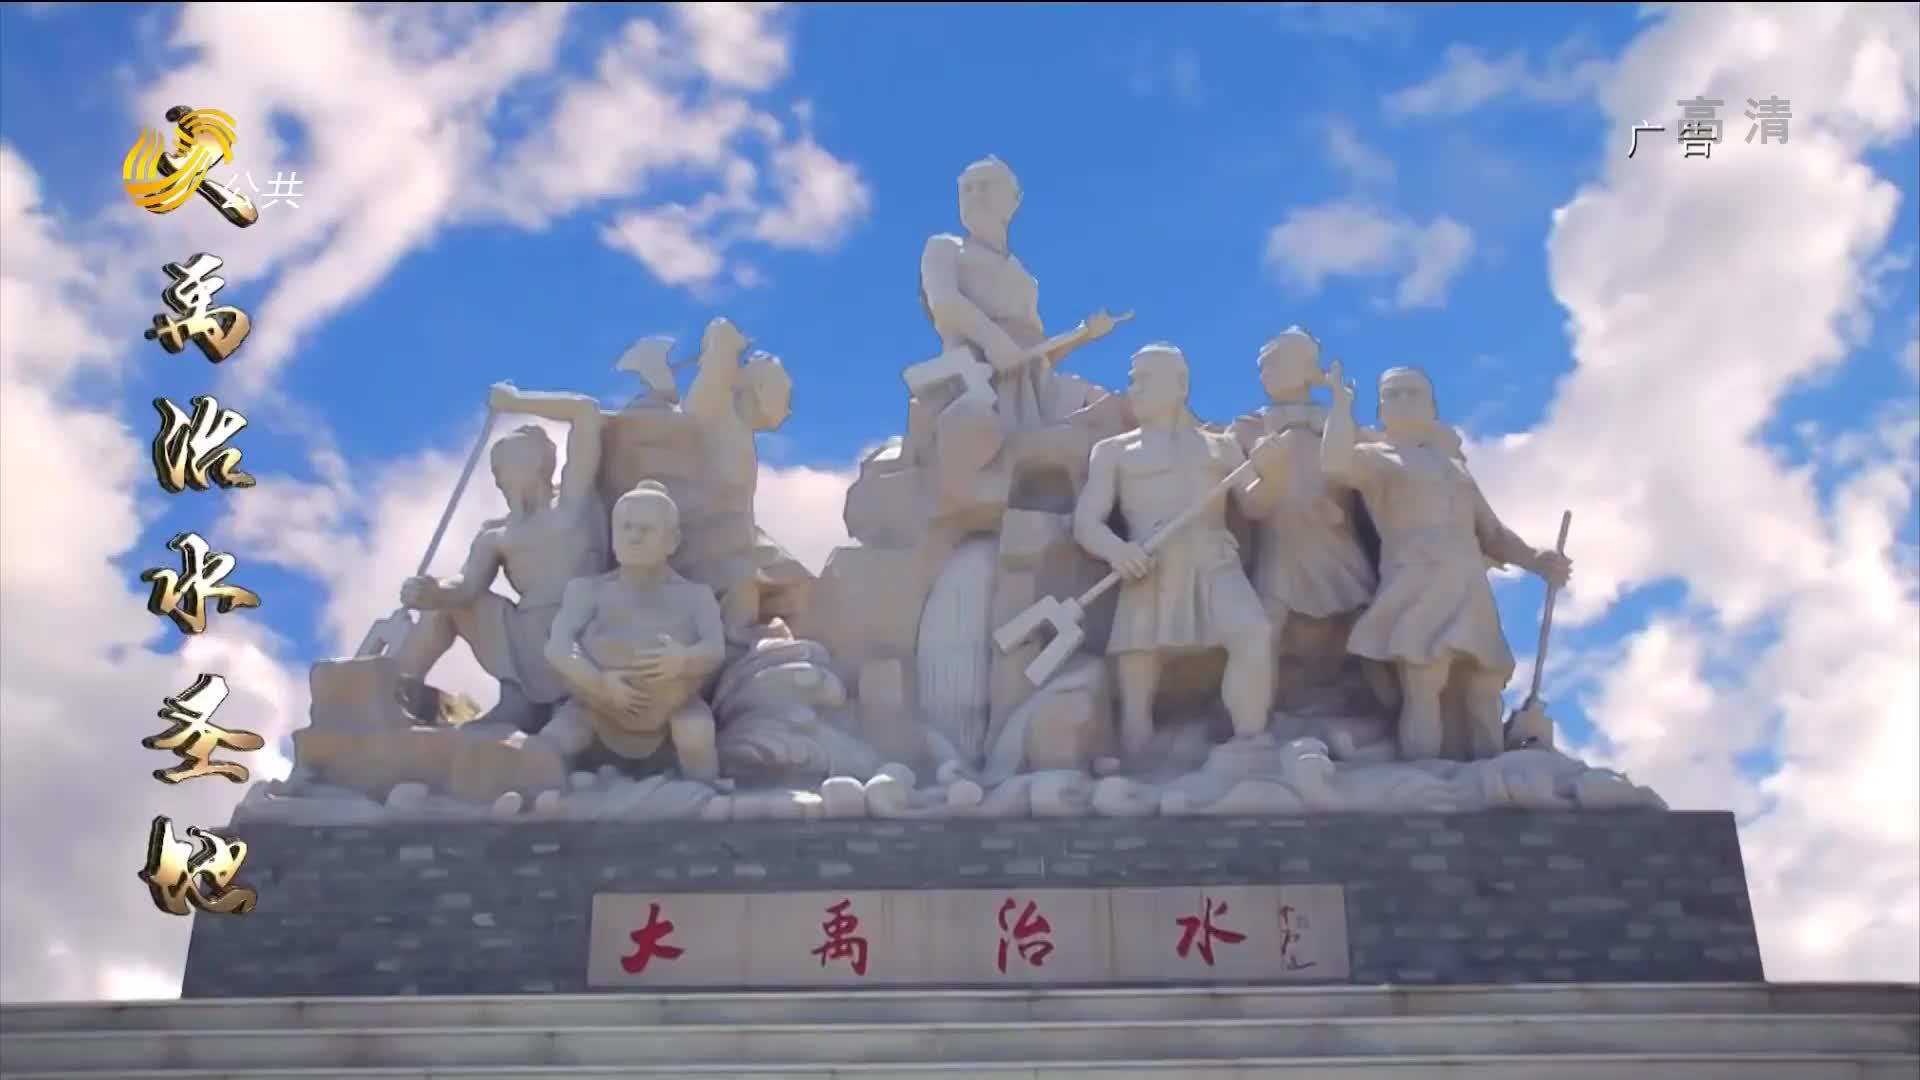 央视广告欣赏-中国禹城